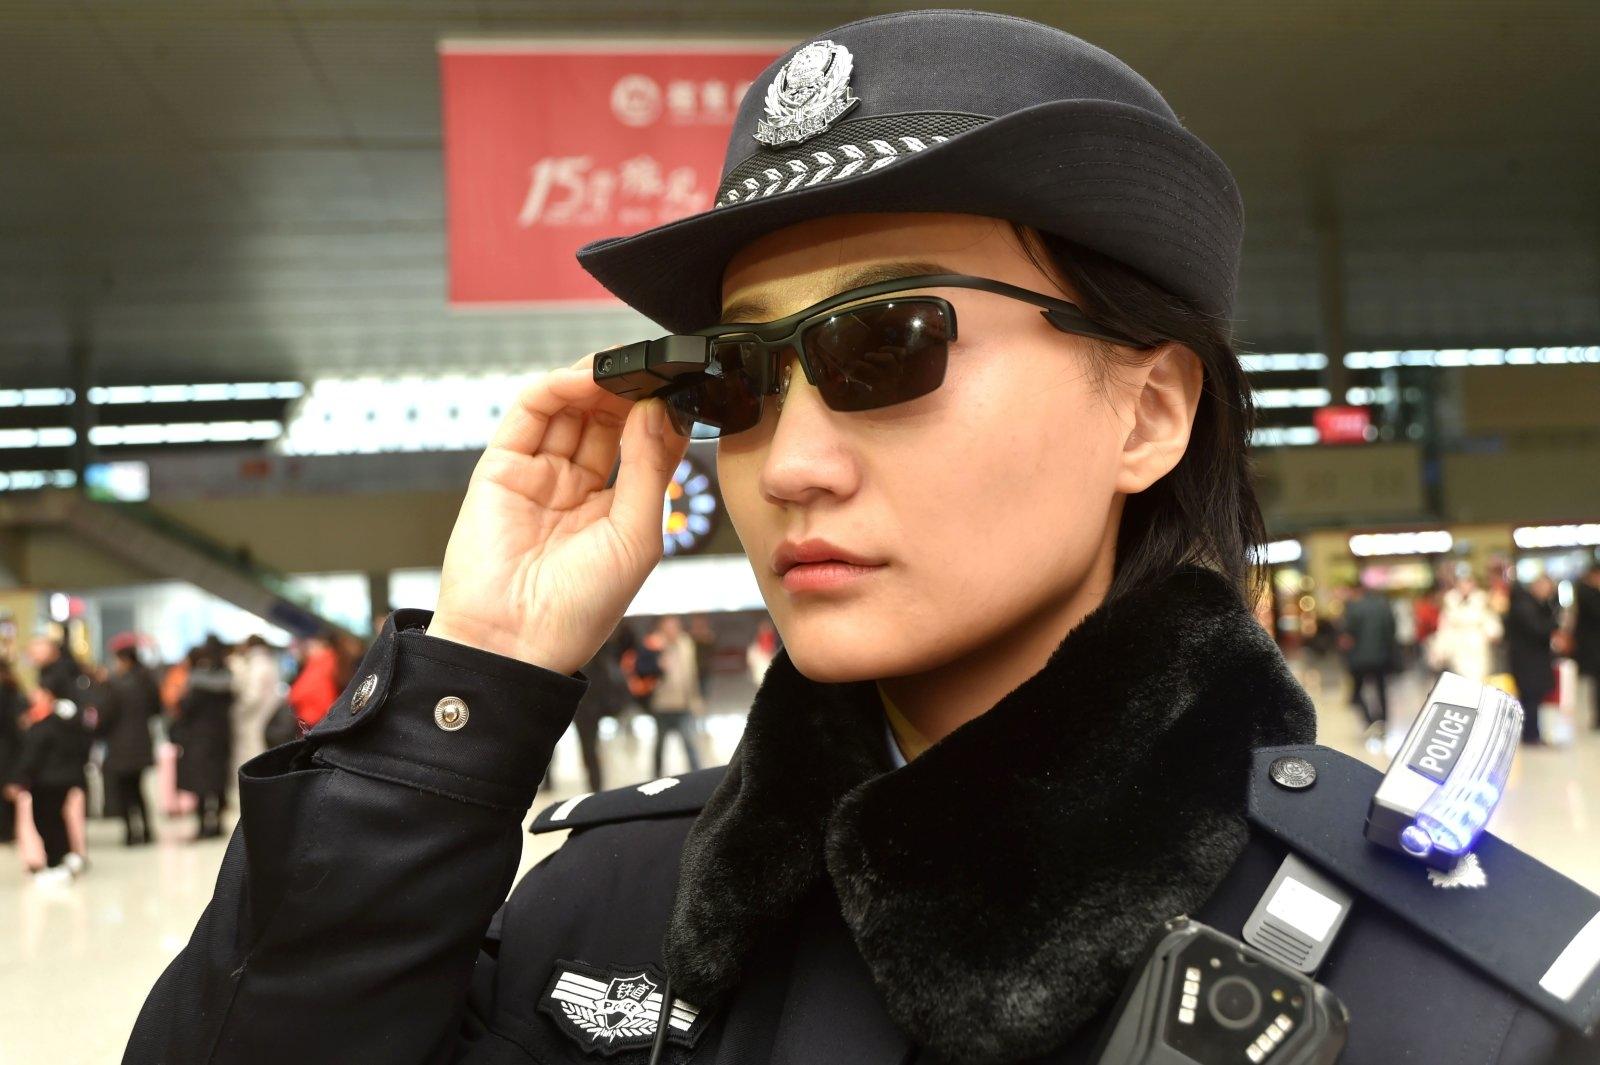 外媒:中国警方使用脸部识别眼镜寻找罪犯